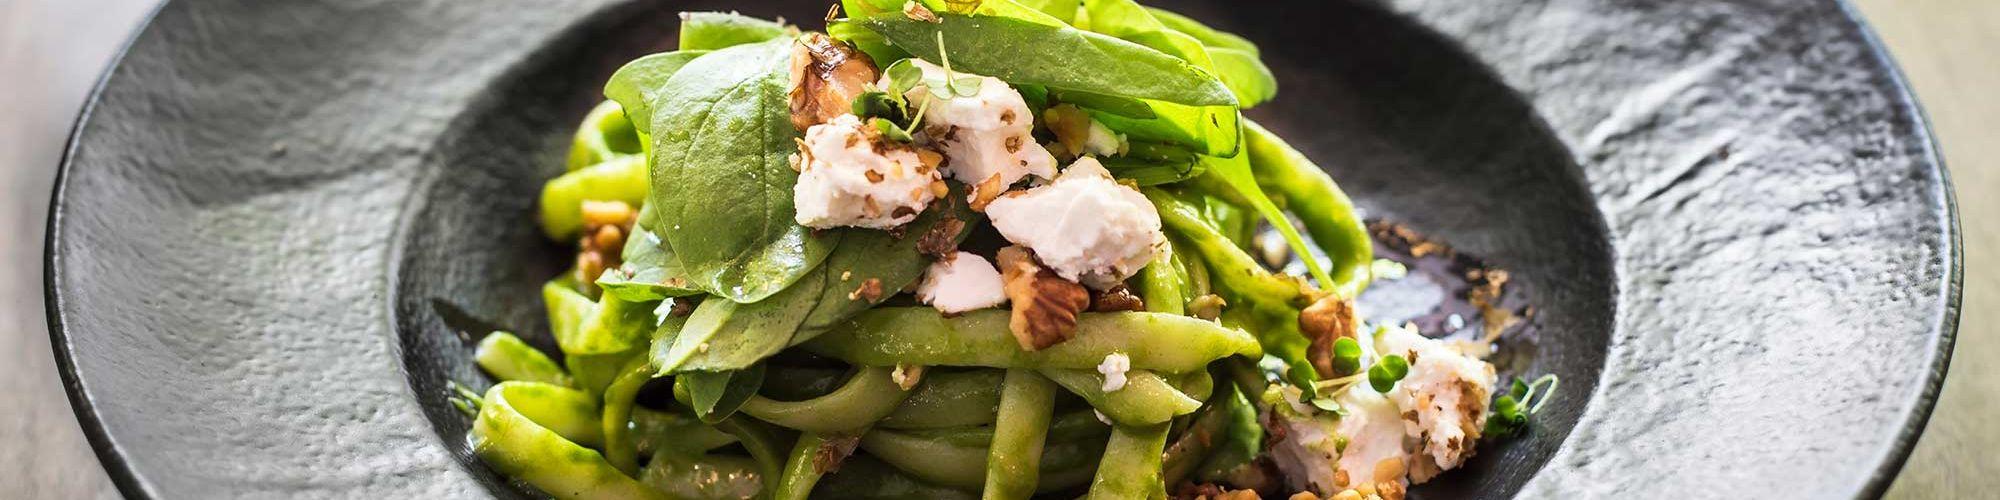 ricetta Tagliolini con pesto di pistacchi, spinaci e caprino con pasta fresca